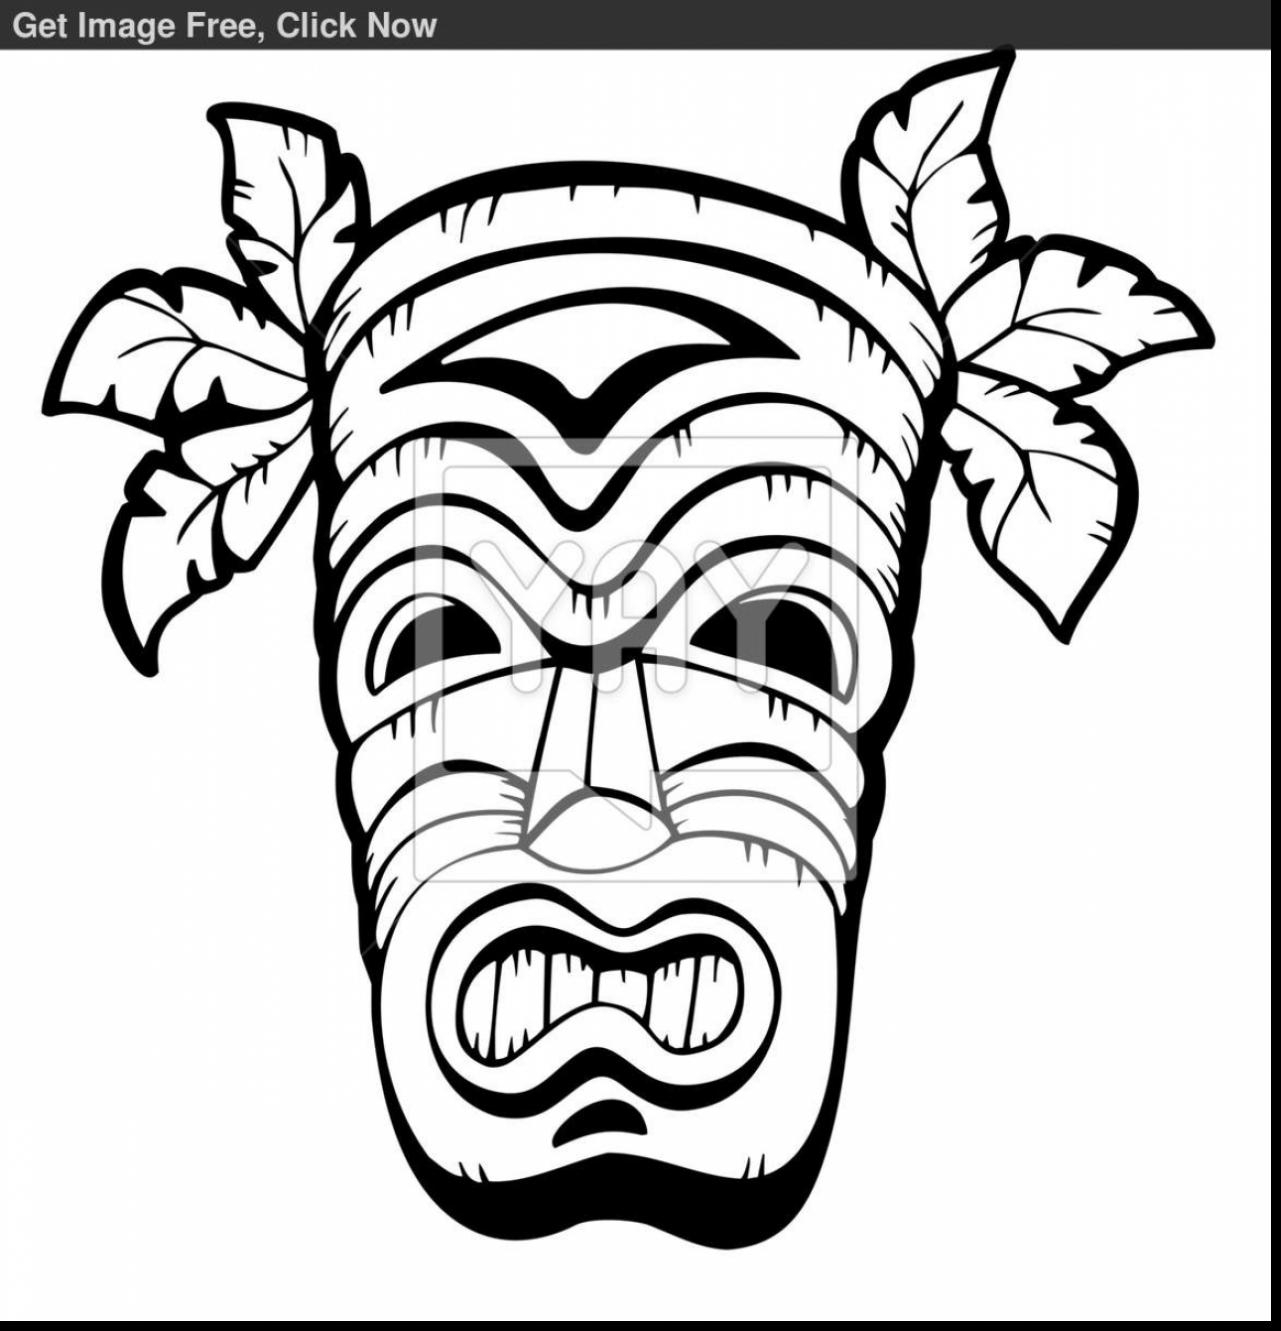 1281x1331 tiki coloring pages beautiful hawaiian tiki masks coloring pages